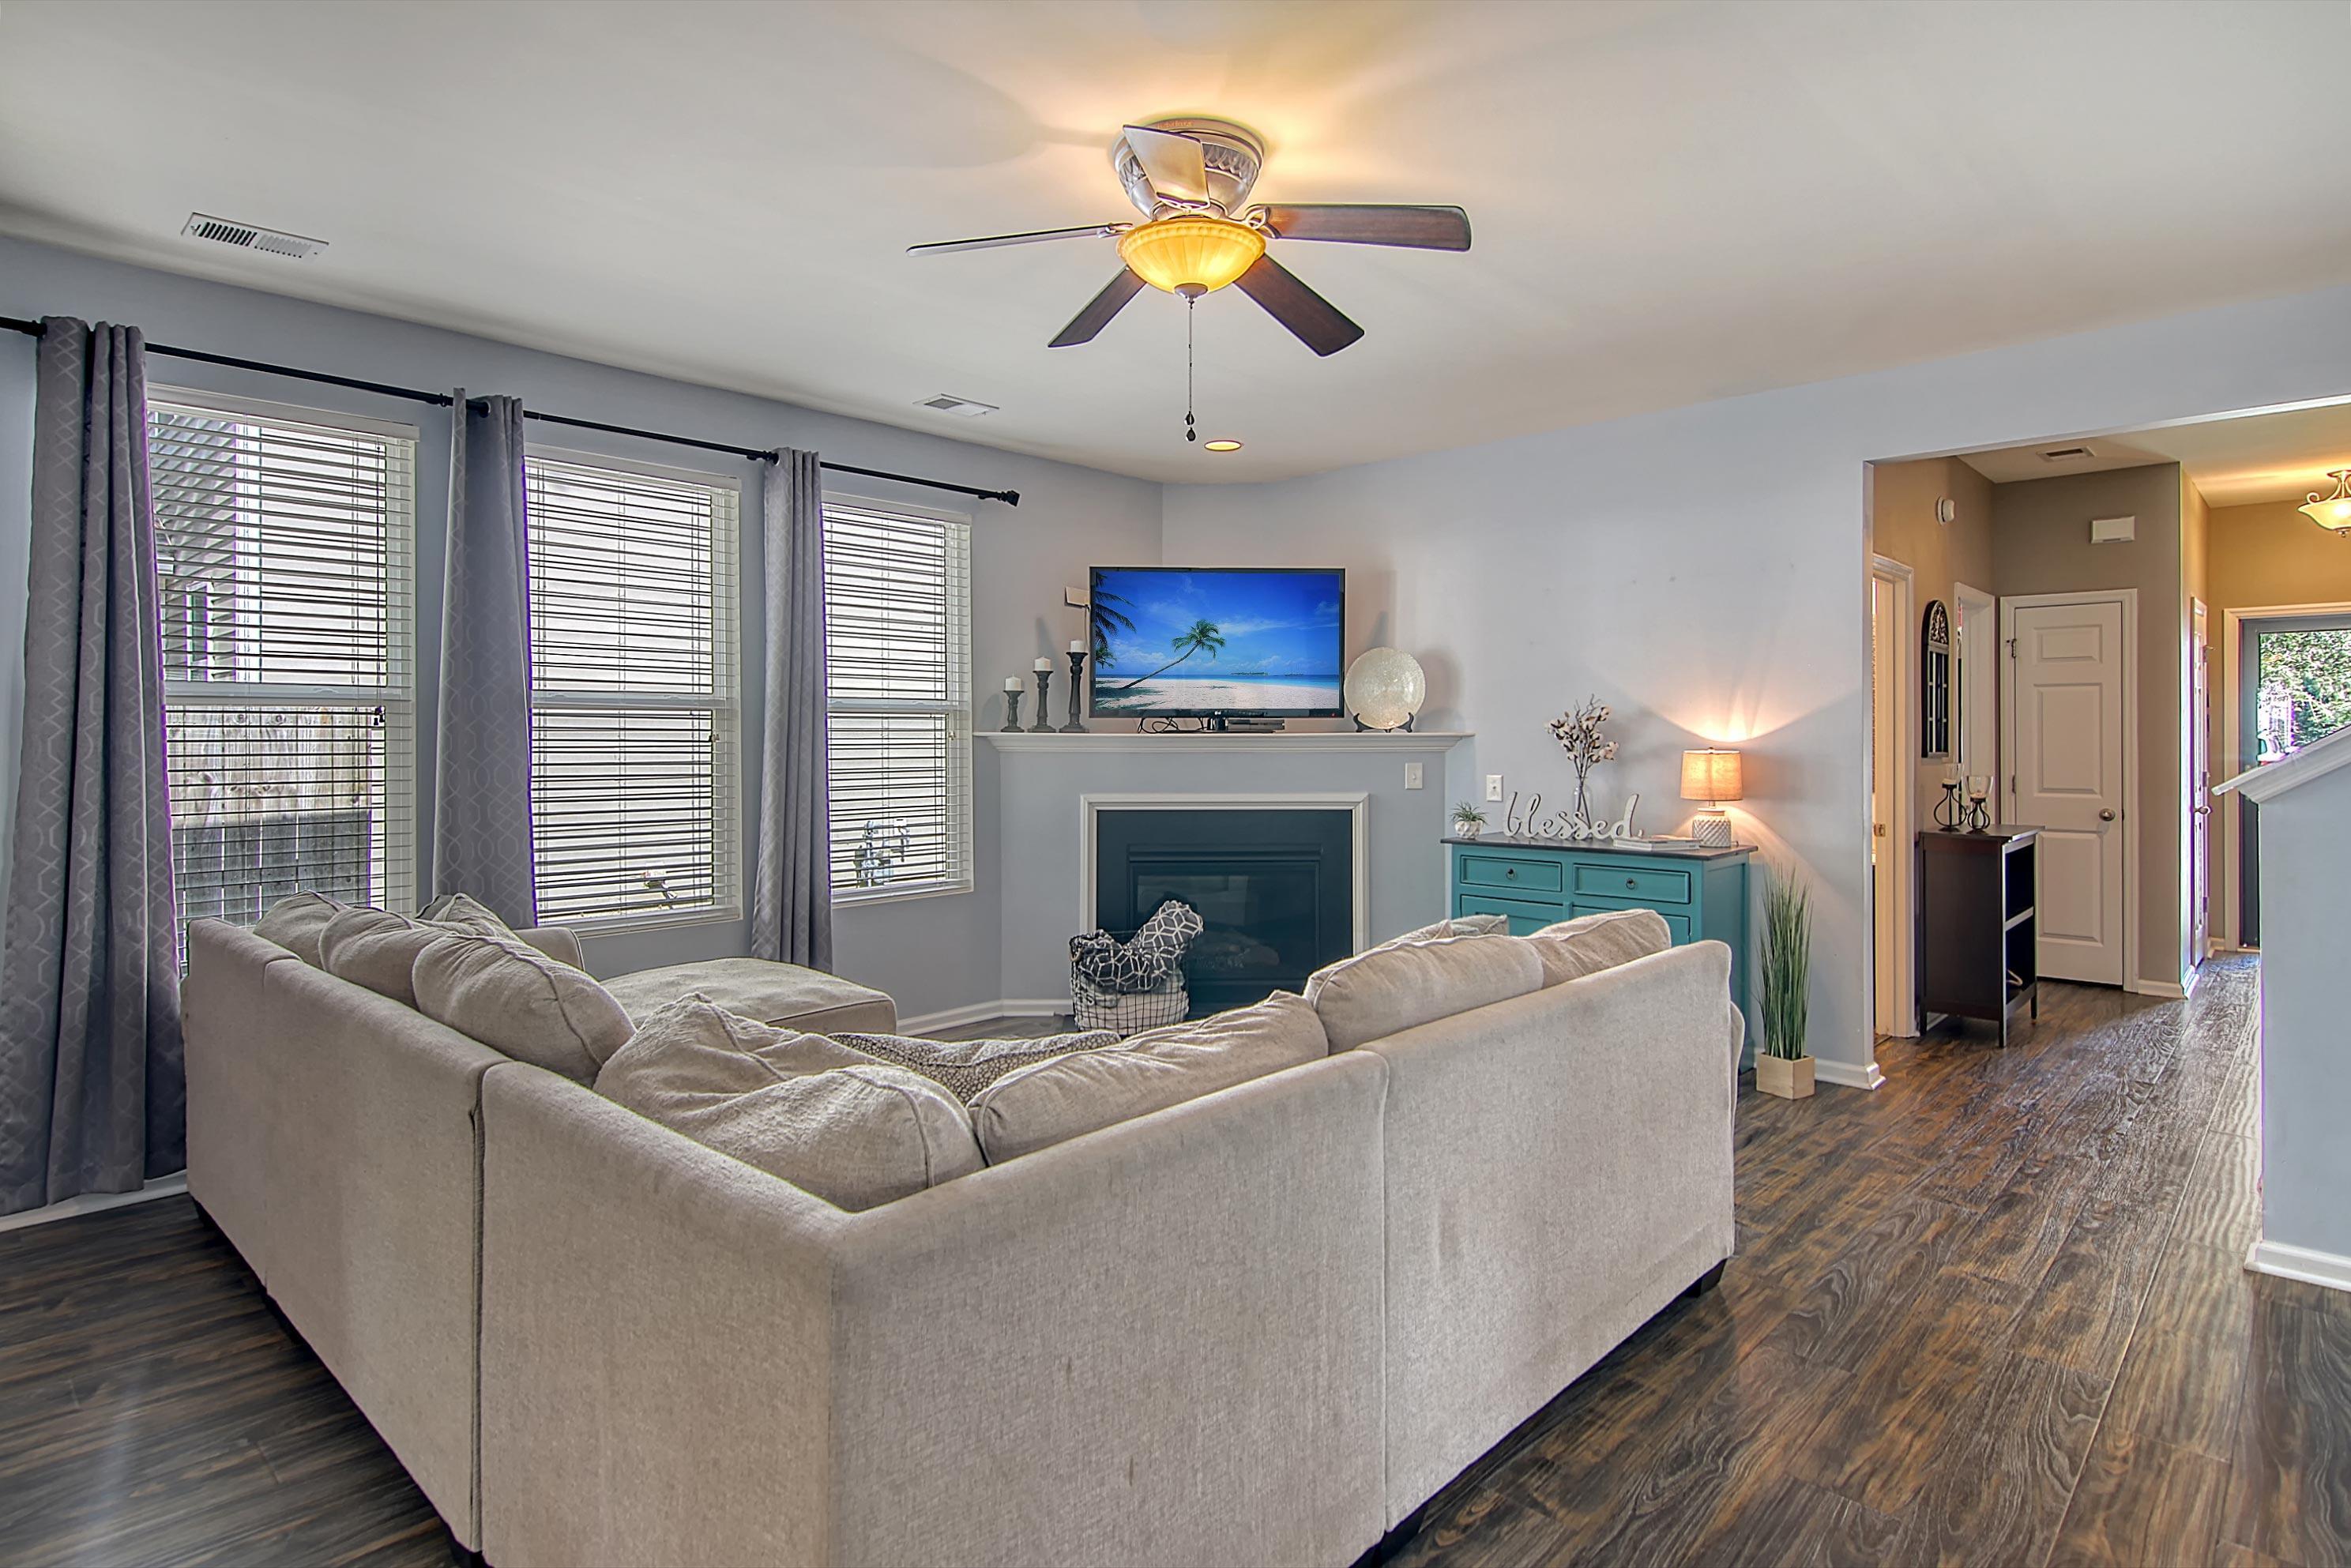 Lieben Park Homes For Sale - 3598 Franklin Tower, Mount Pleasant, SC - 36